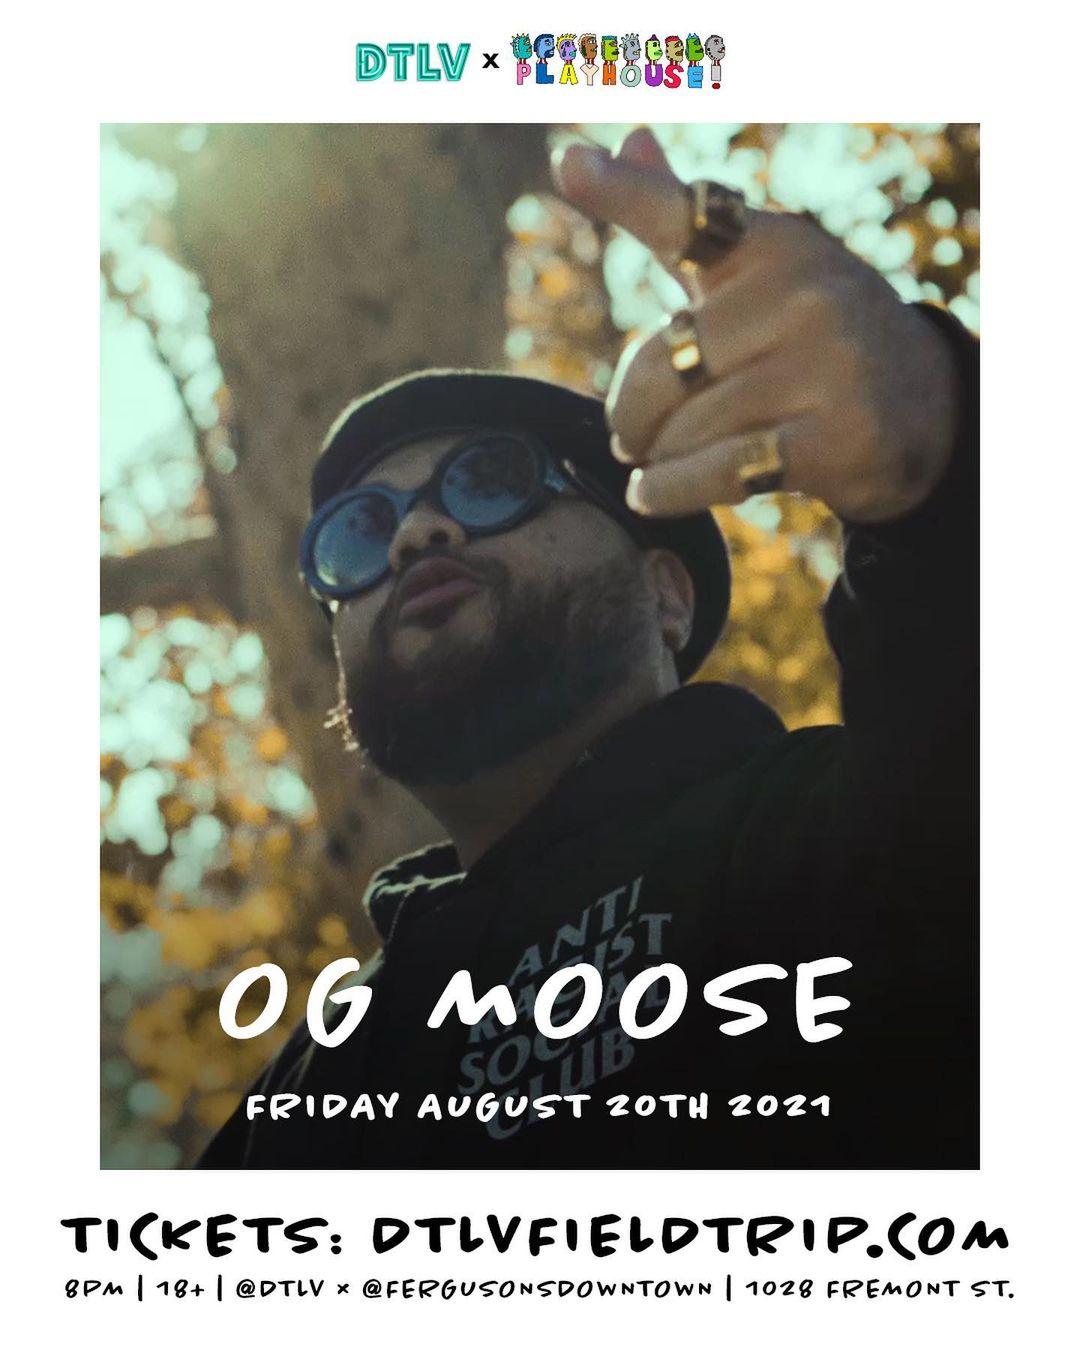 OG Moose DTLV